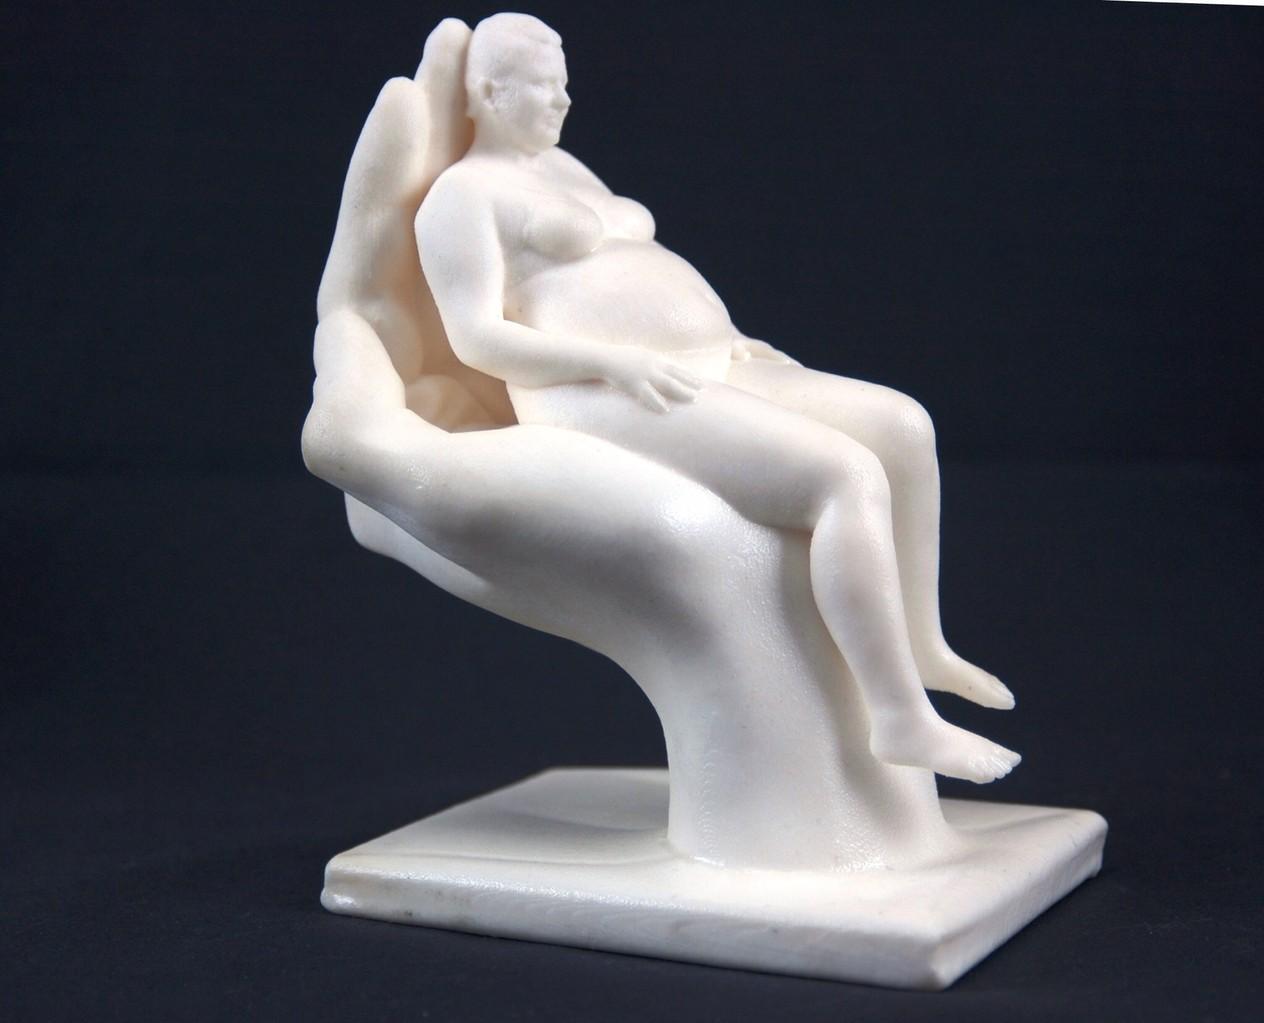 Schwangerschafts-Scan getragen in seiner Hand